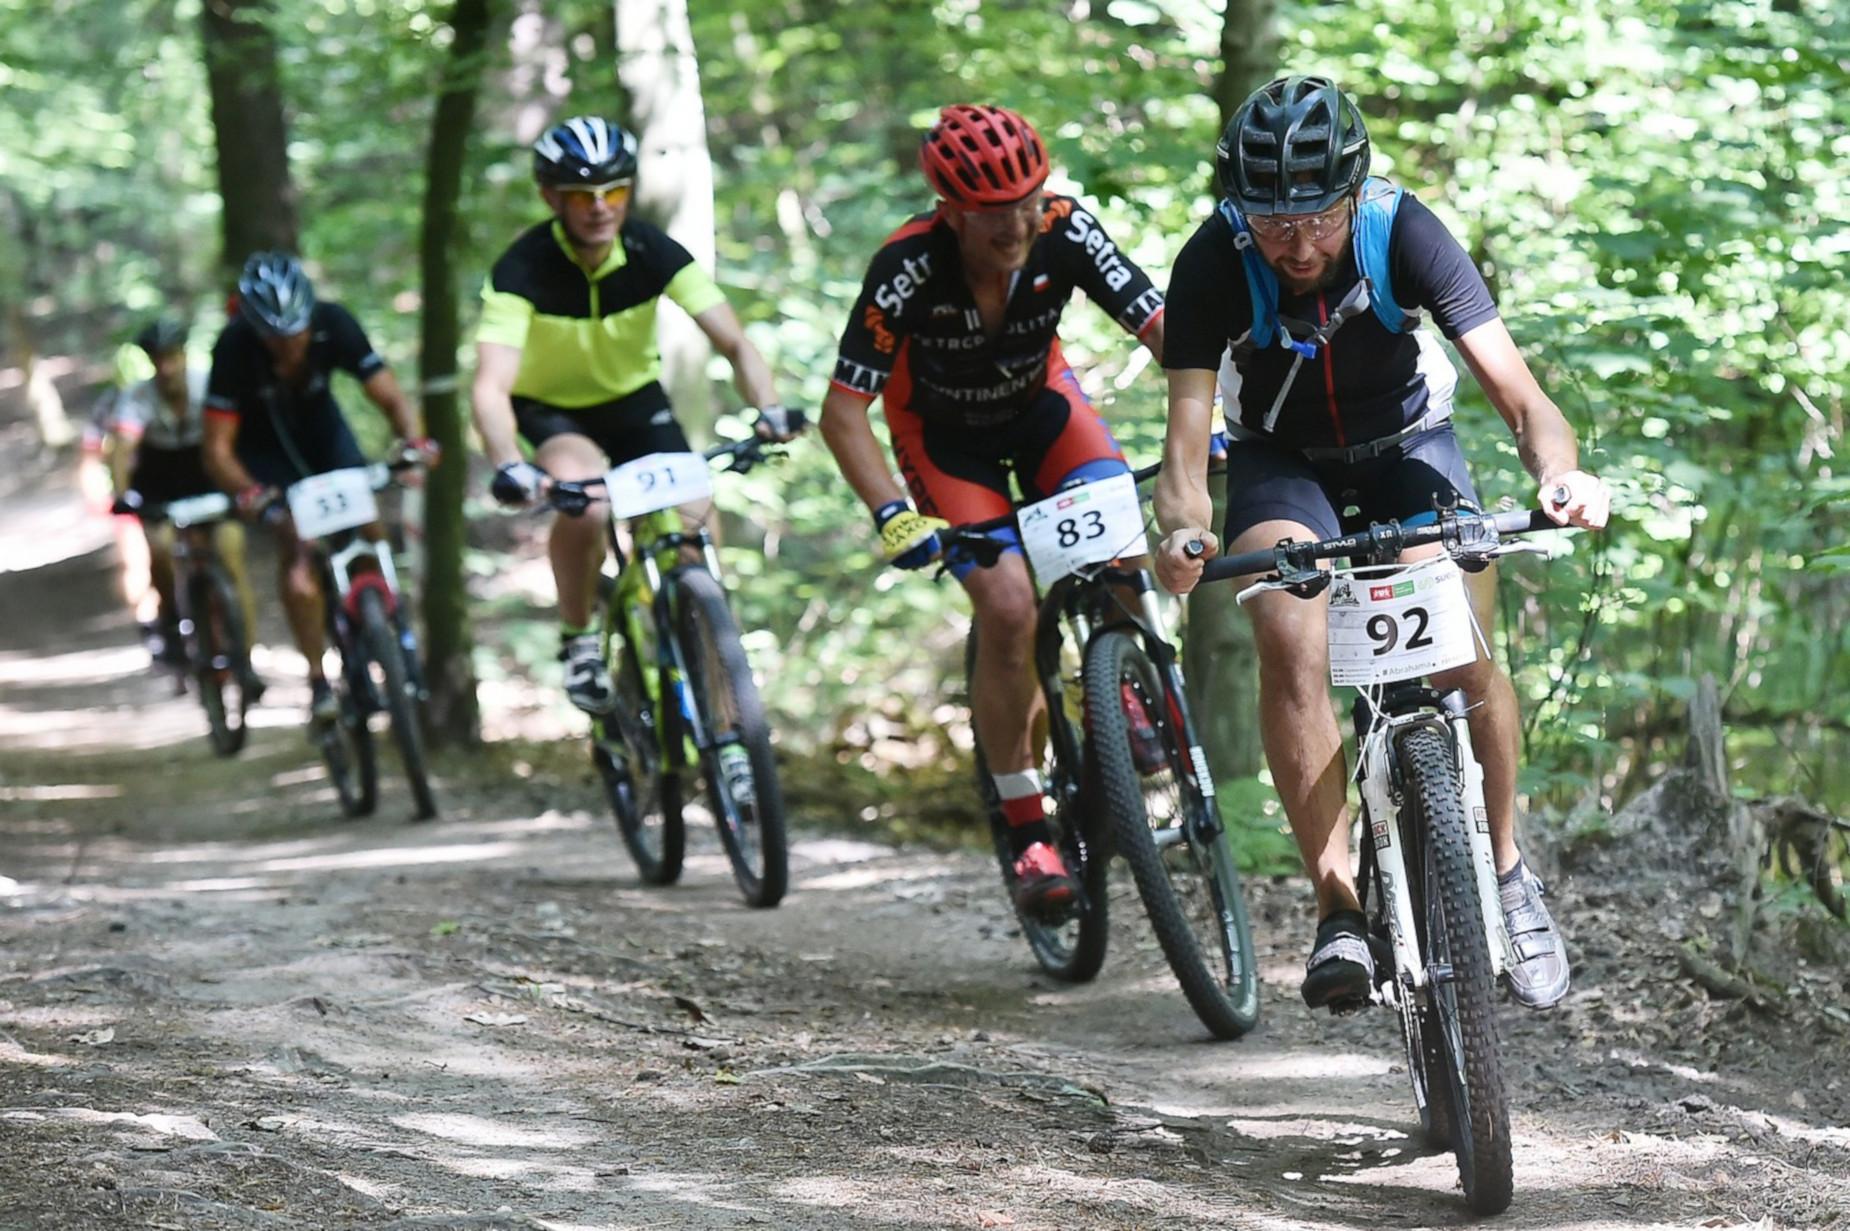 Rowerem przez Trójmiejski Park Krajobrazowy. Ruszają zawody XC Gdańsk